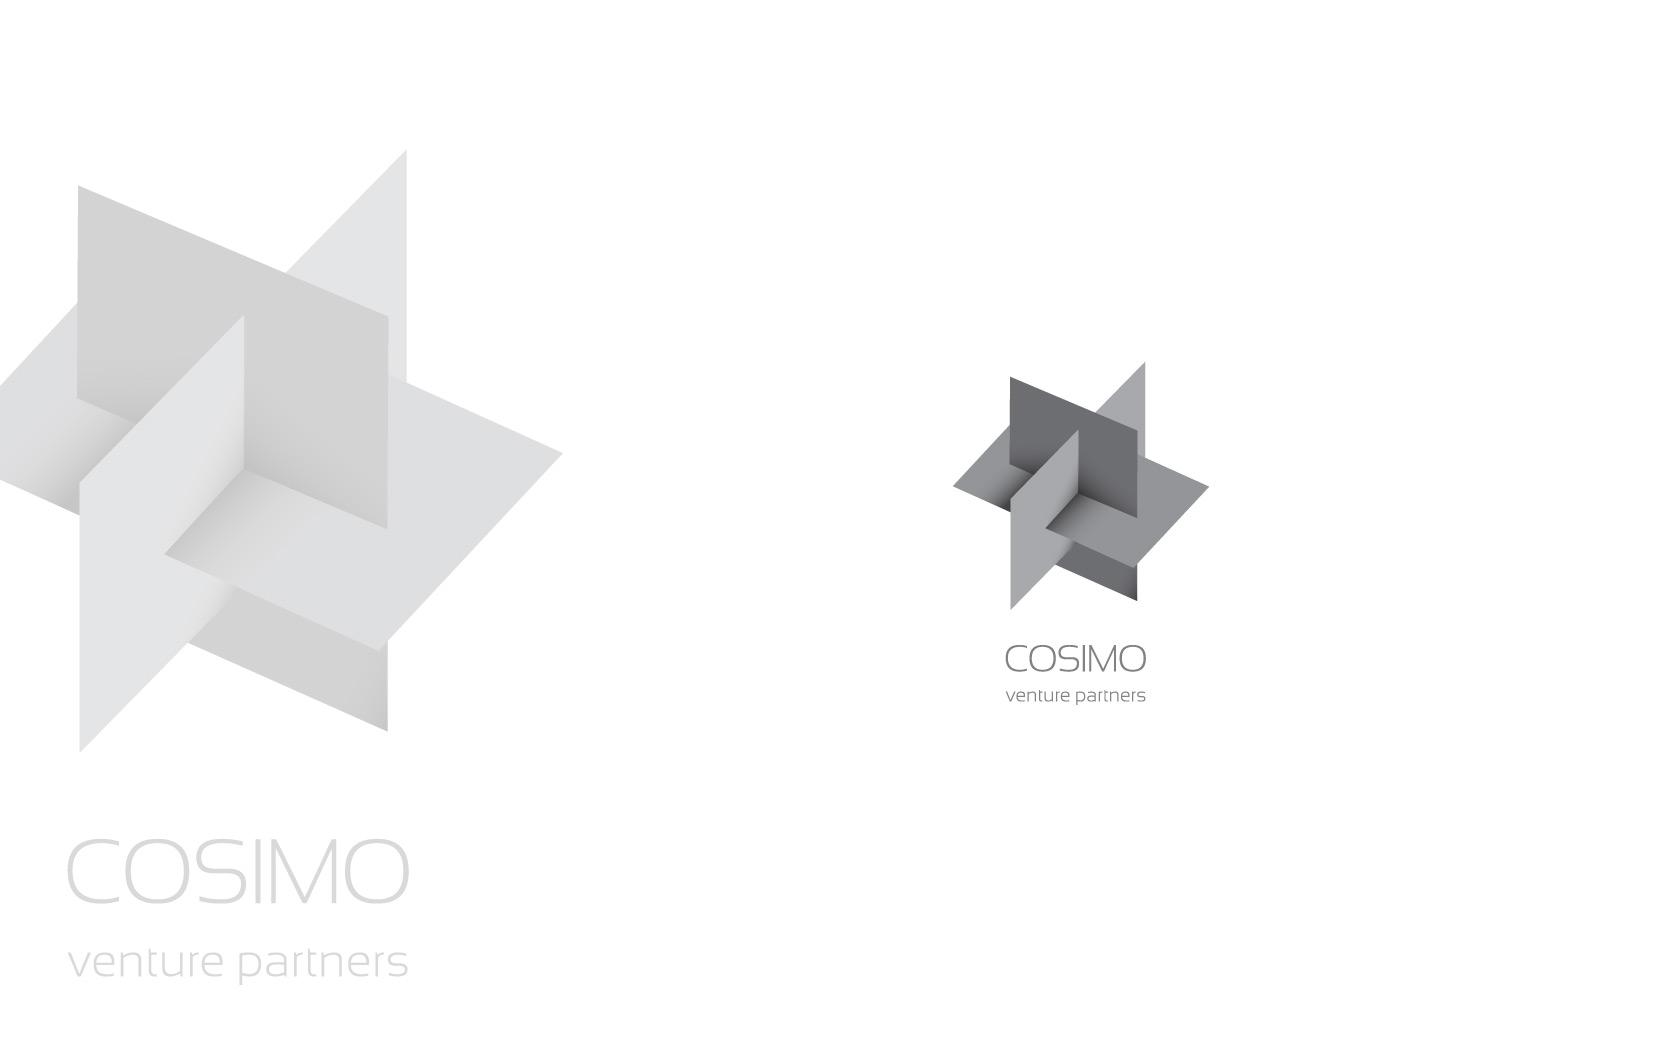 cosimo_2